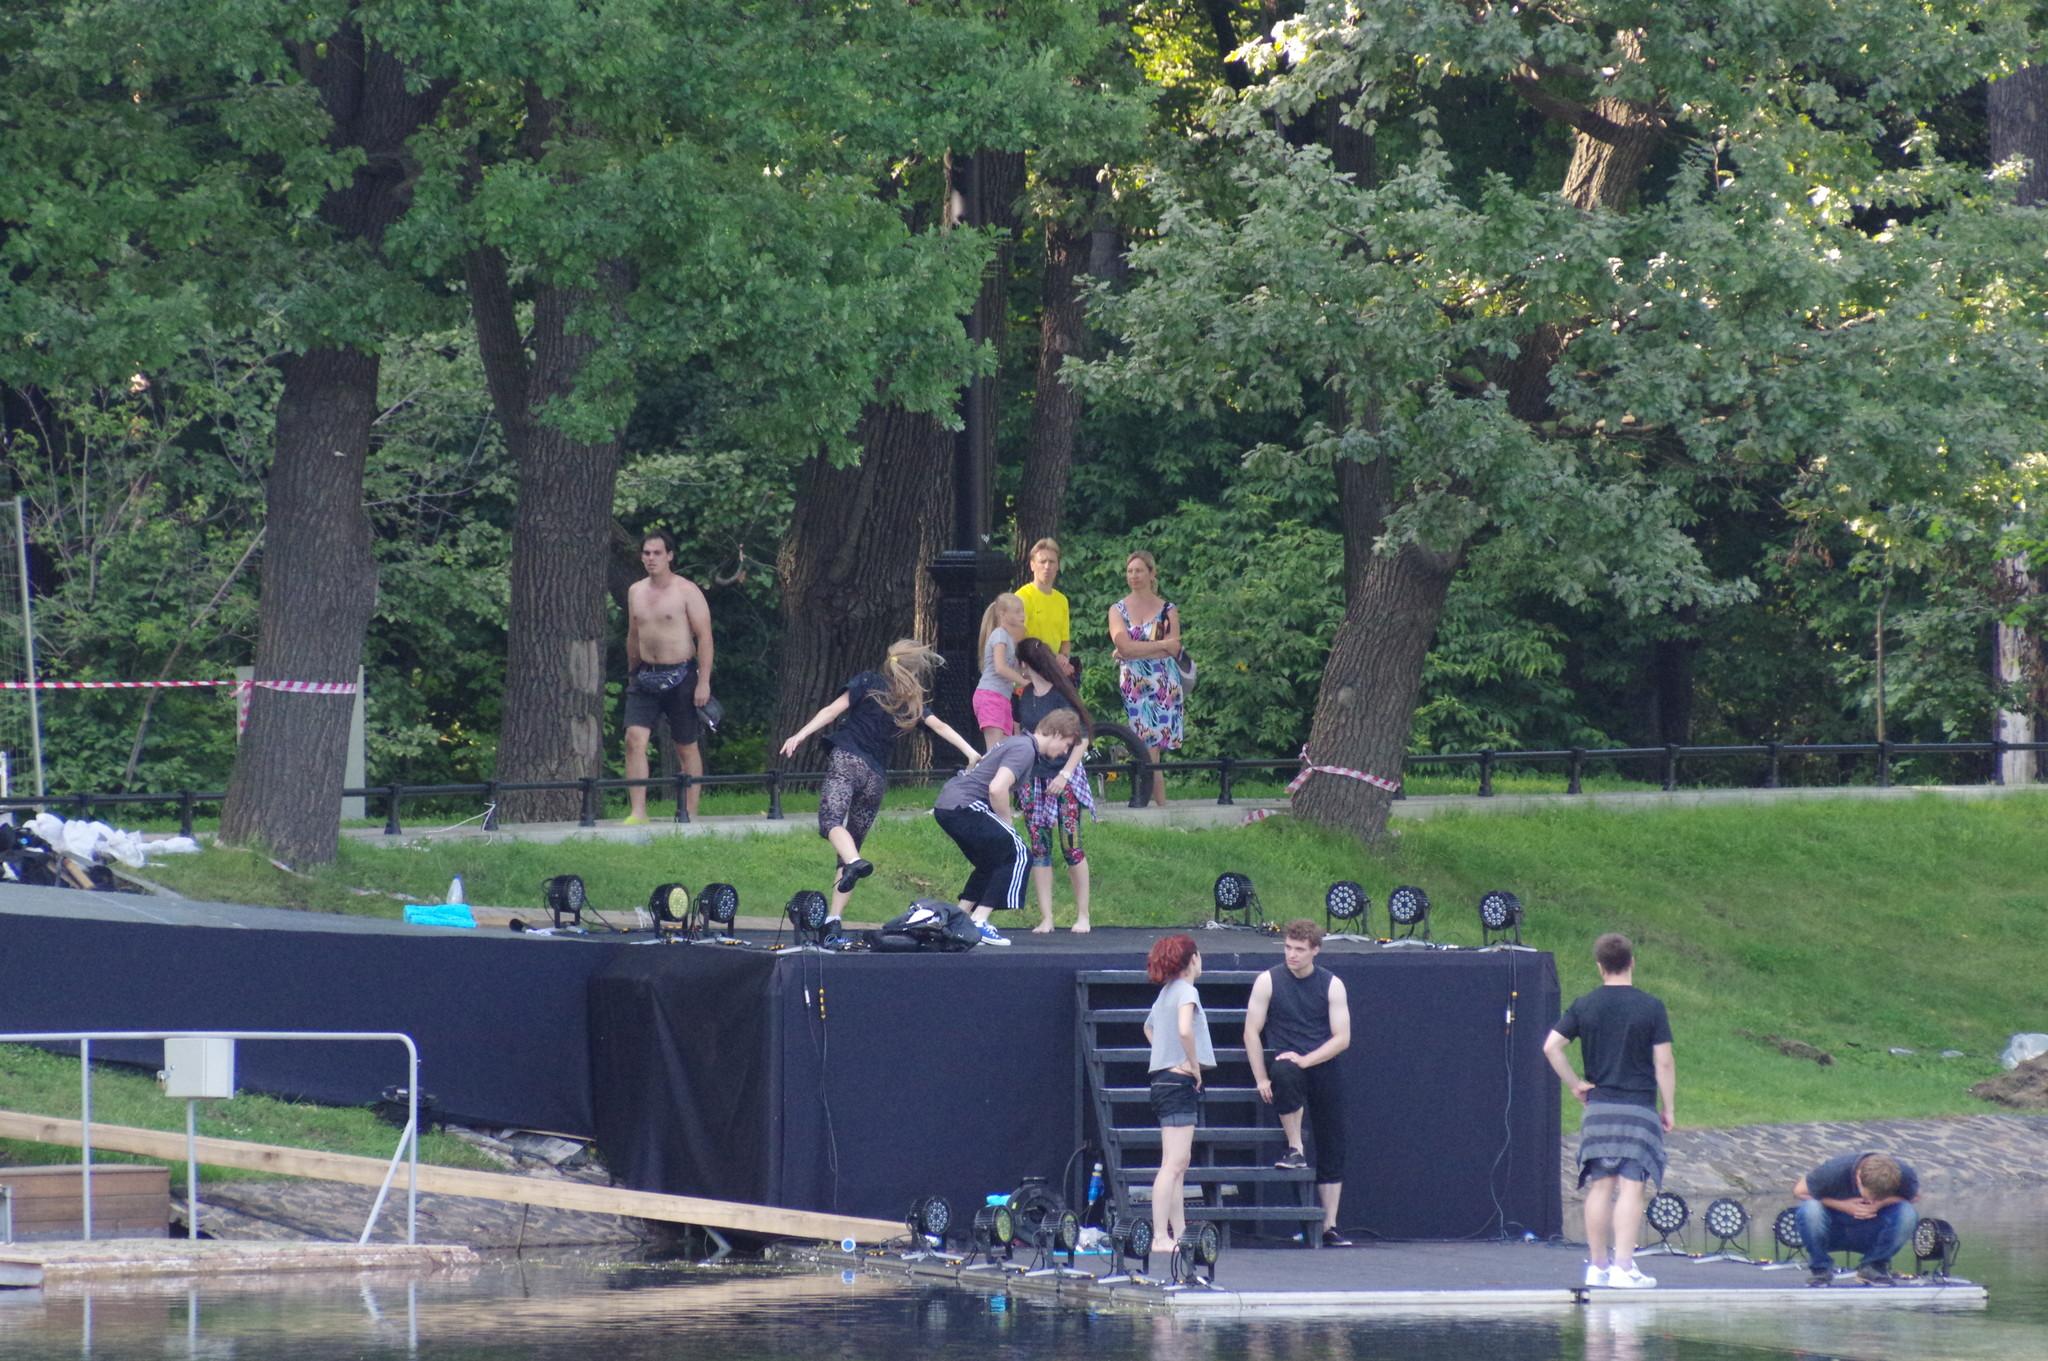 Репетиция специального проекта «Эволюция» на сцене Останкинского пруда